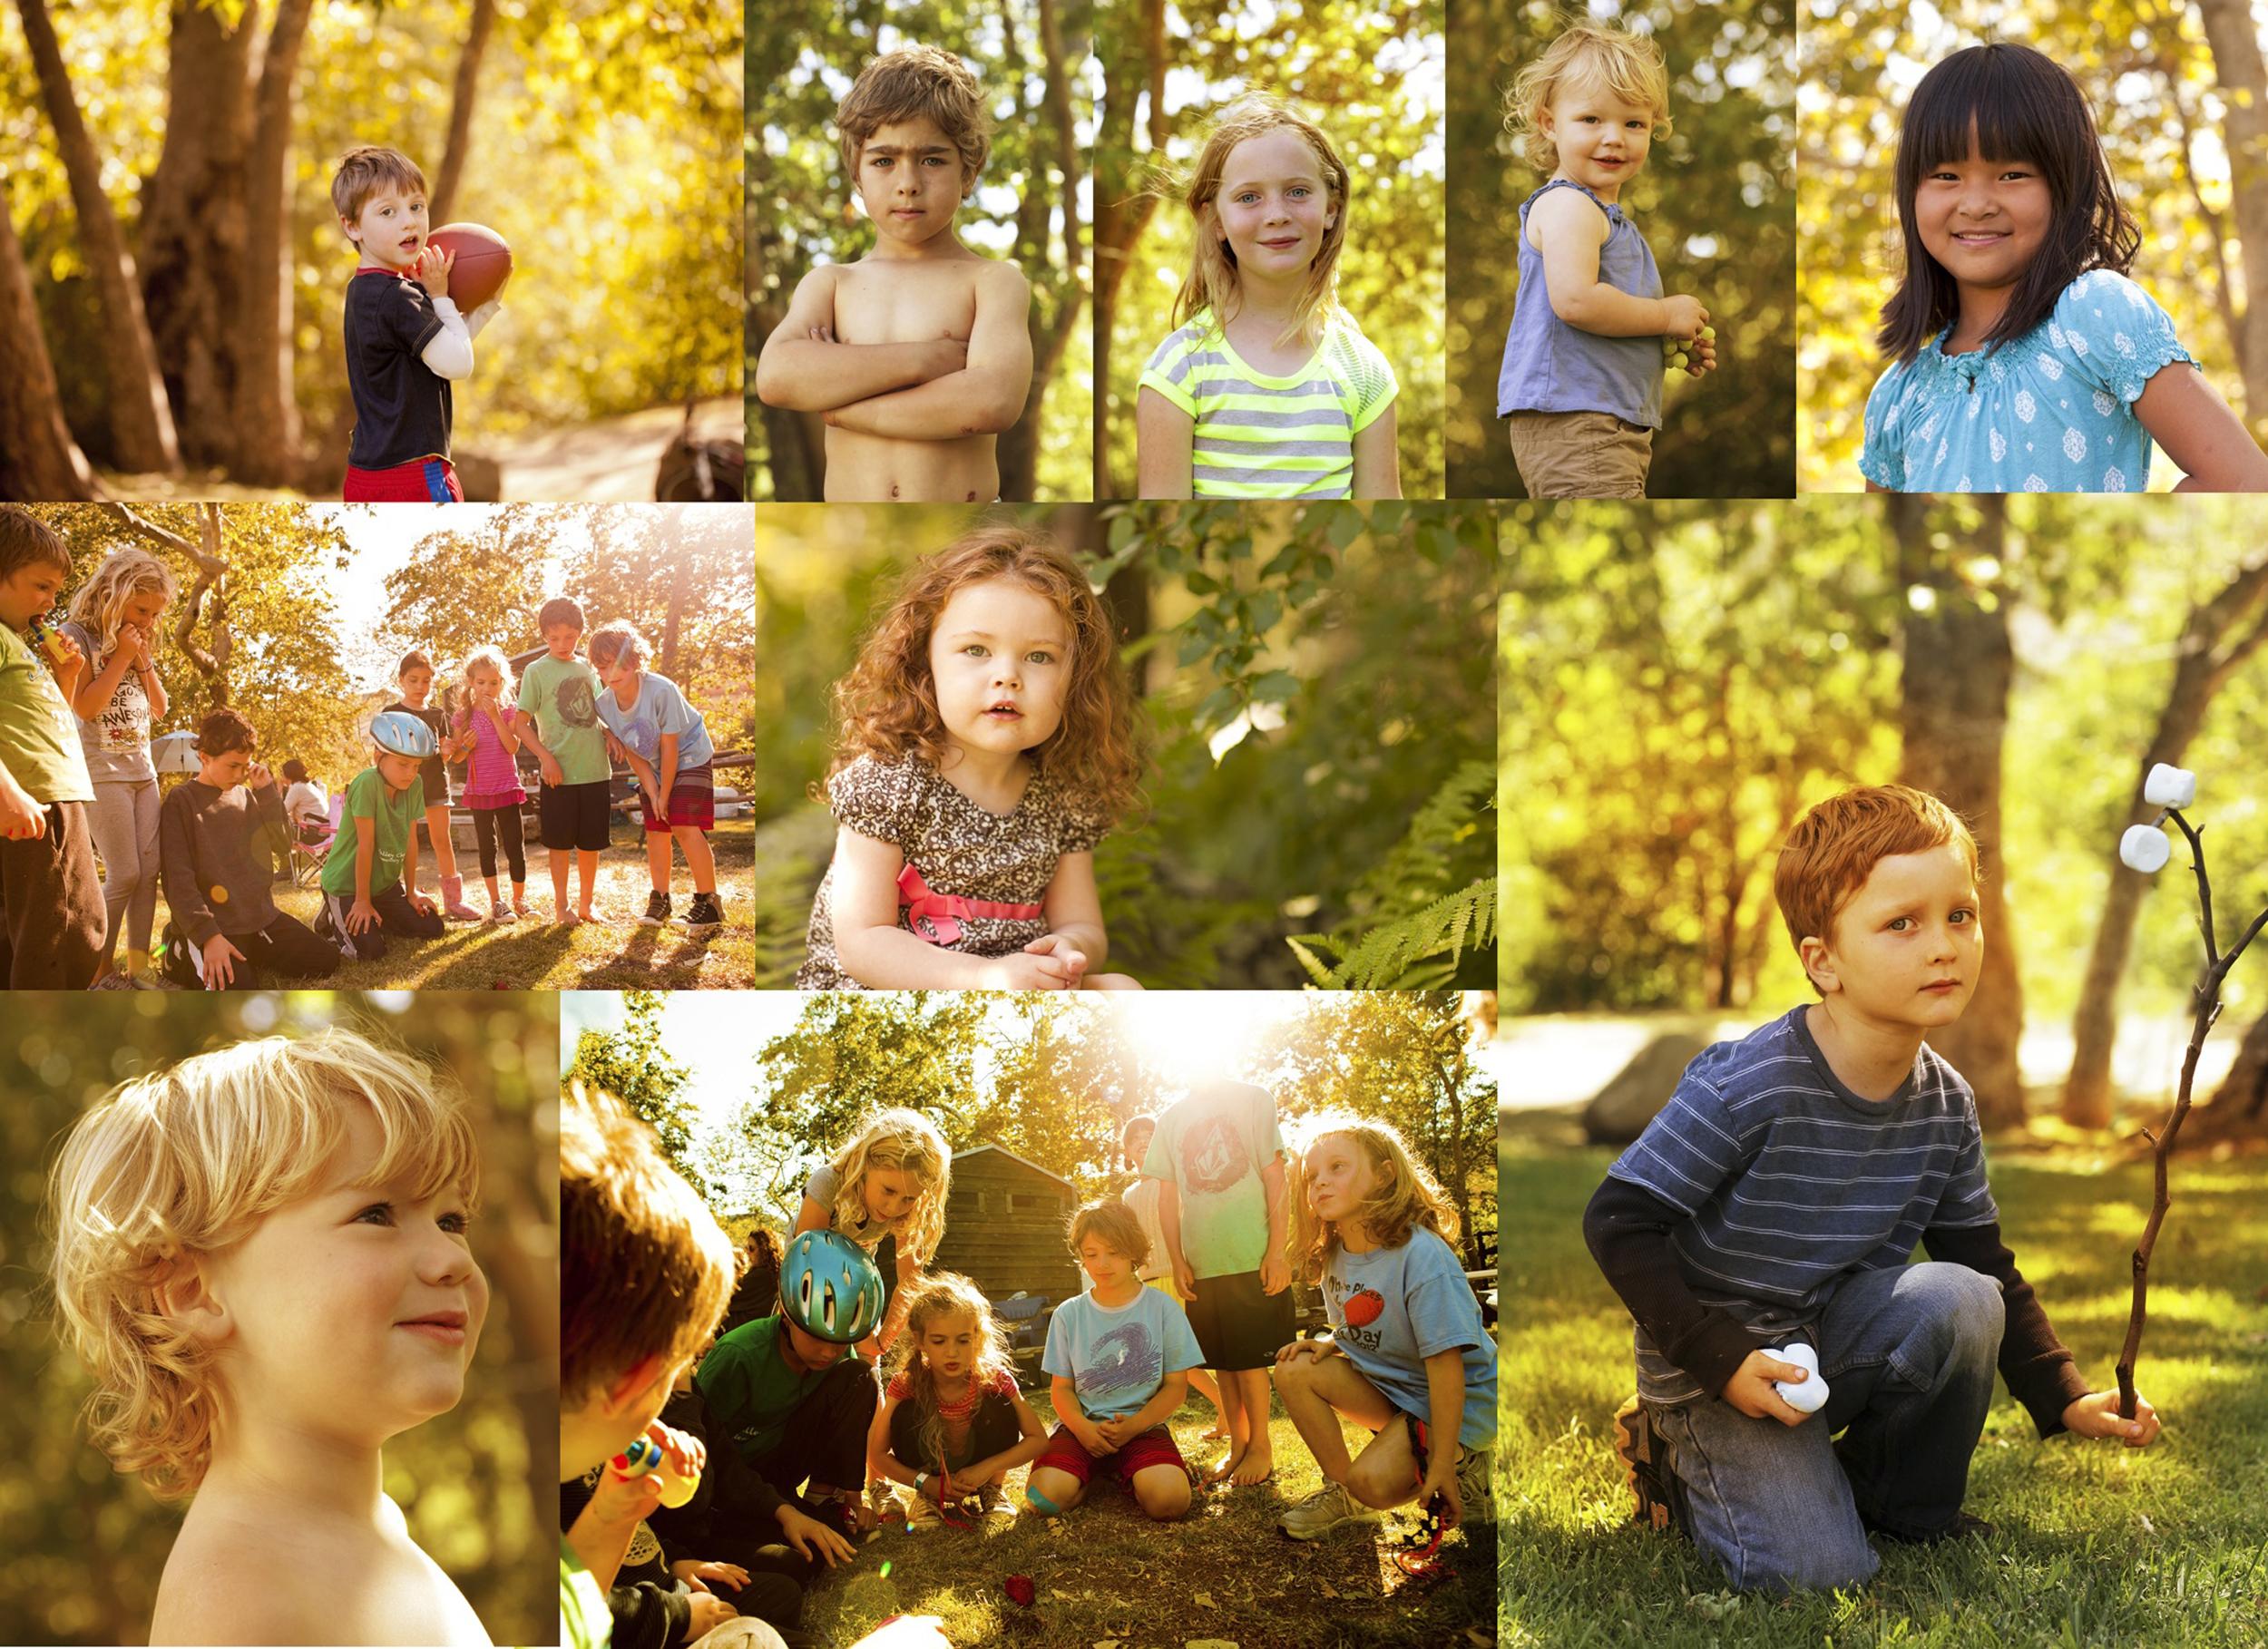 16_Lifestyle_Children_2.jpg